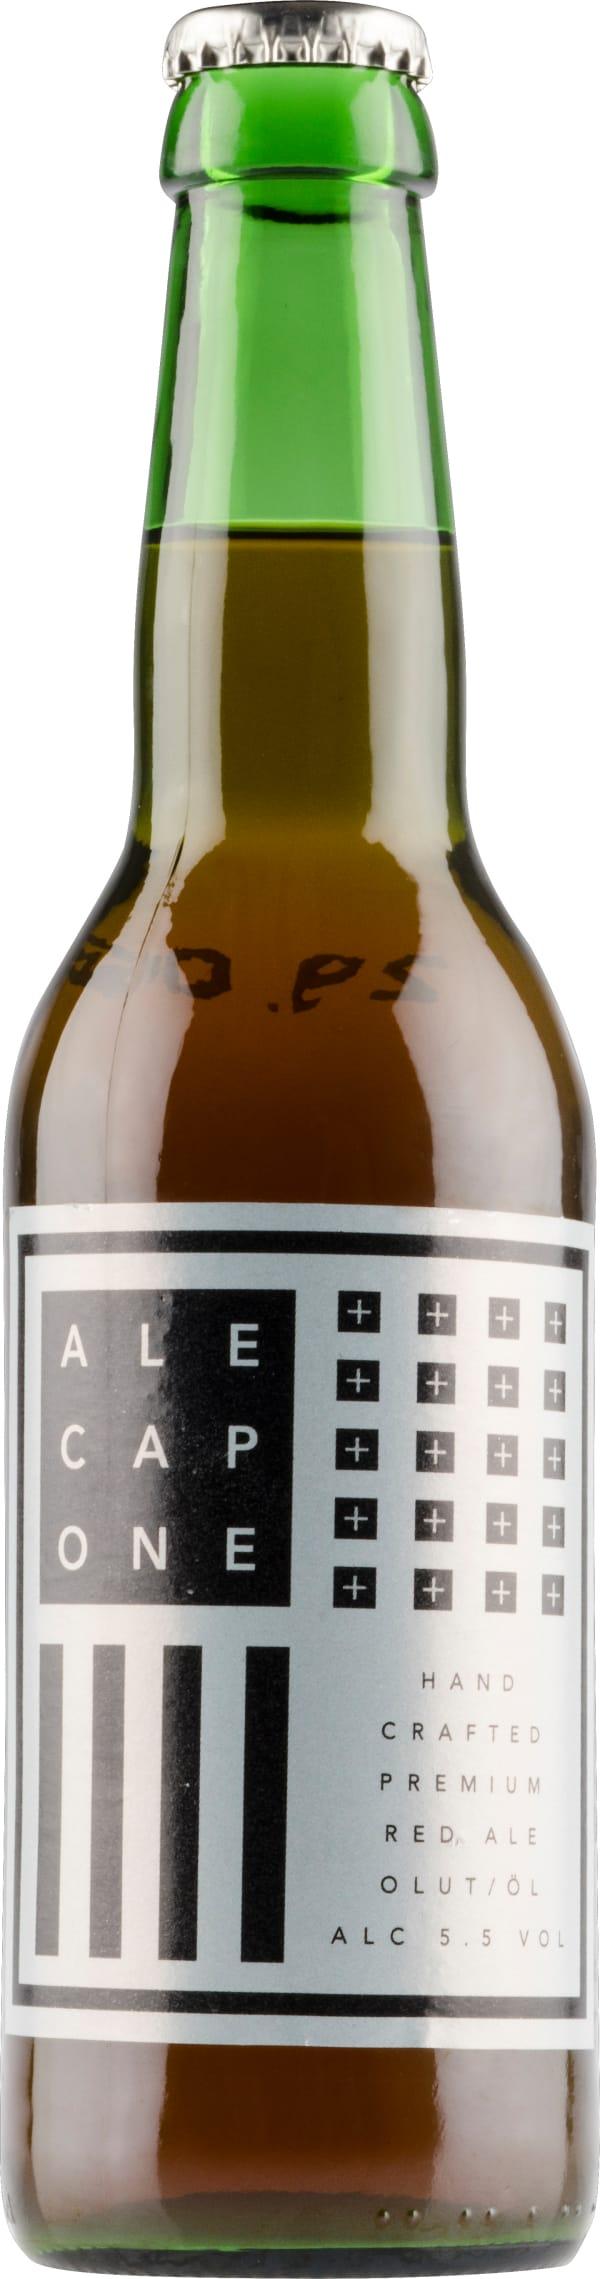 Alberga Ale Capone Red Ale